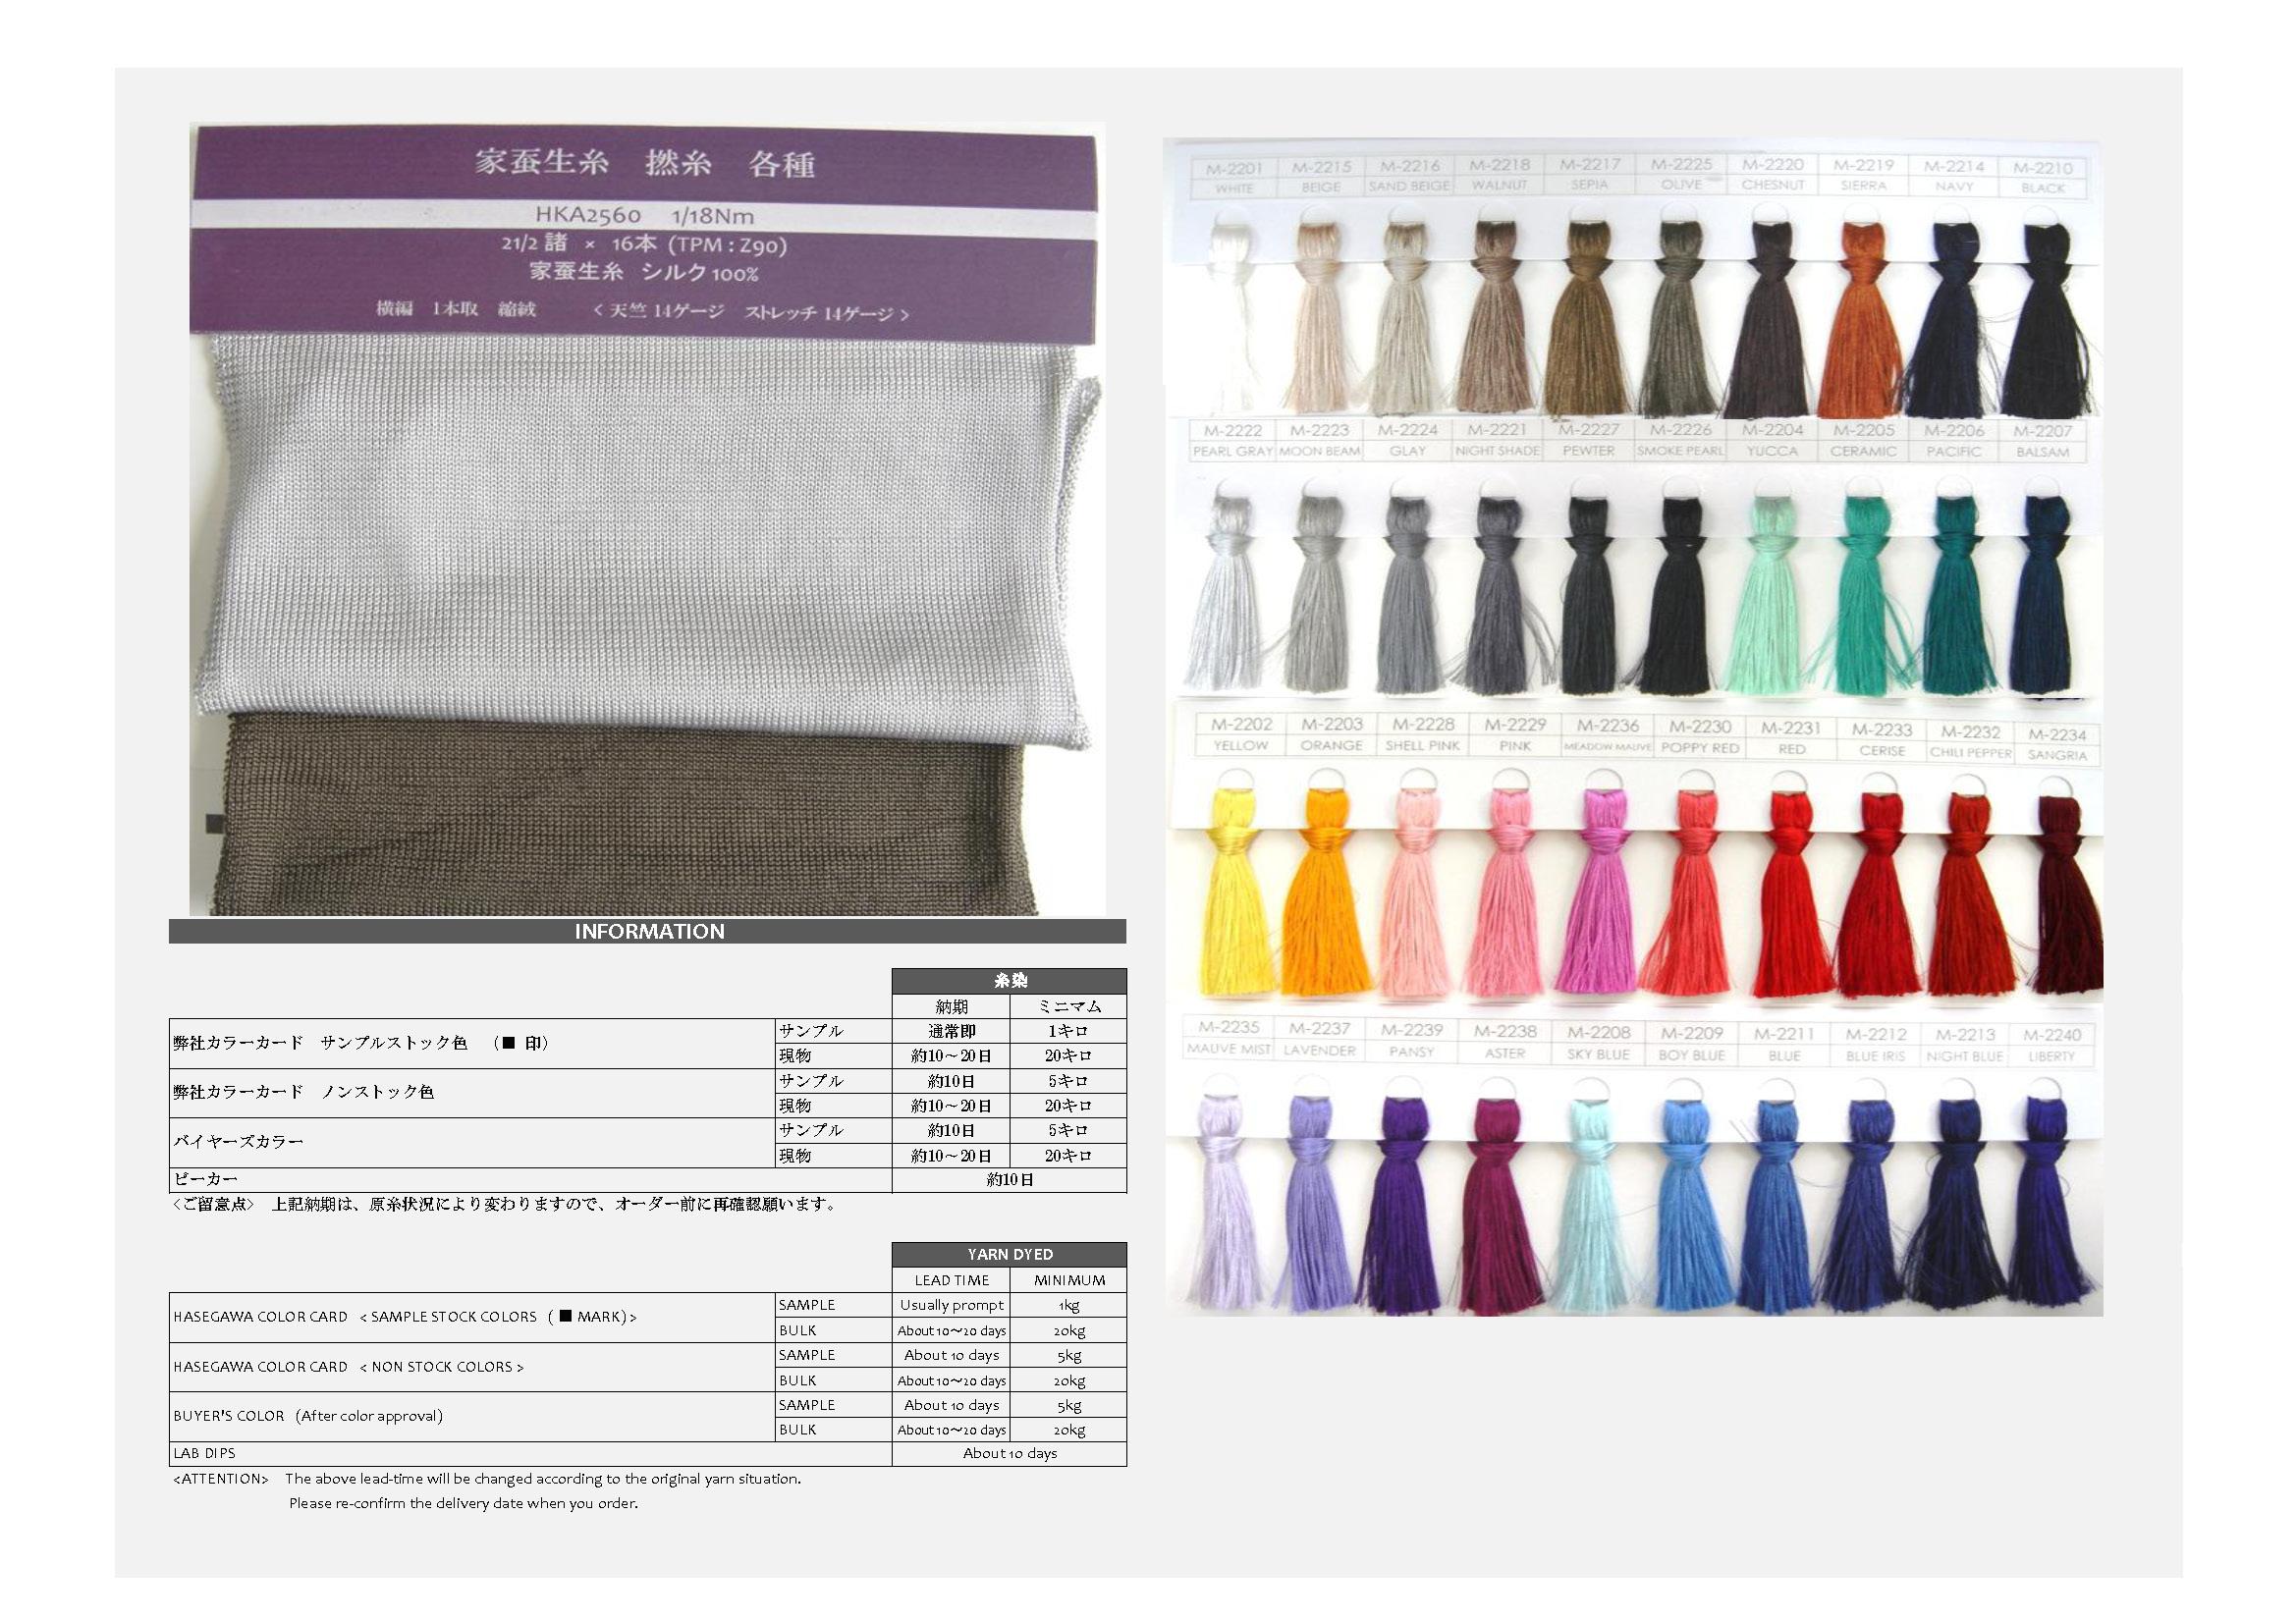 新商品のご案内 – 家蚕生糸 撚糸 HKA2560 –